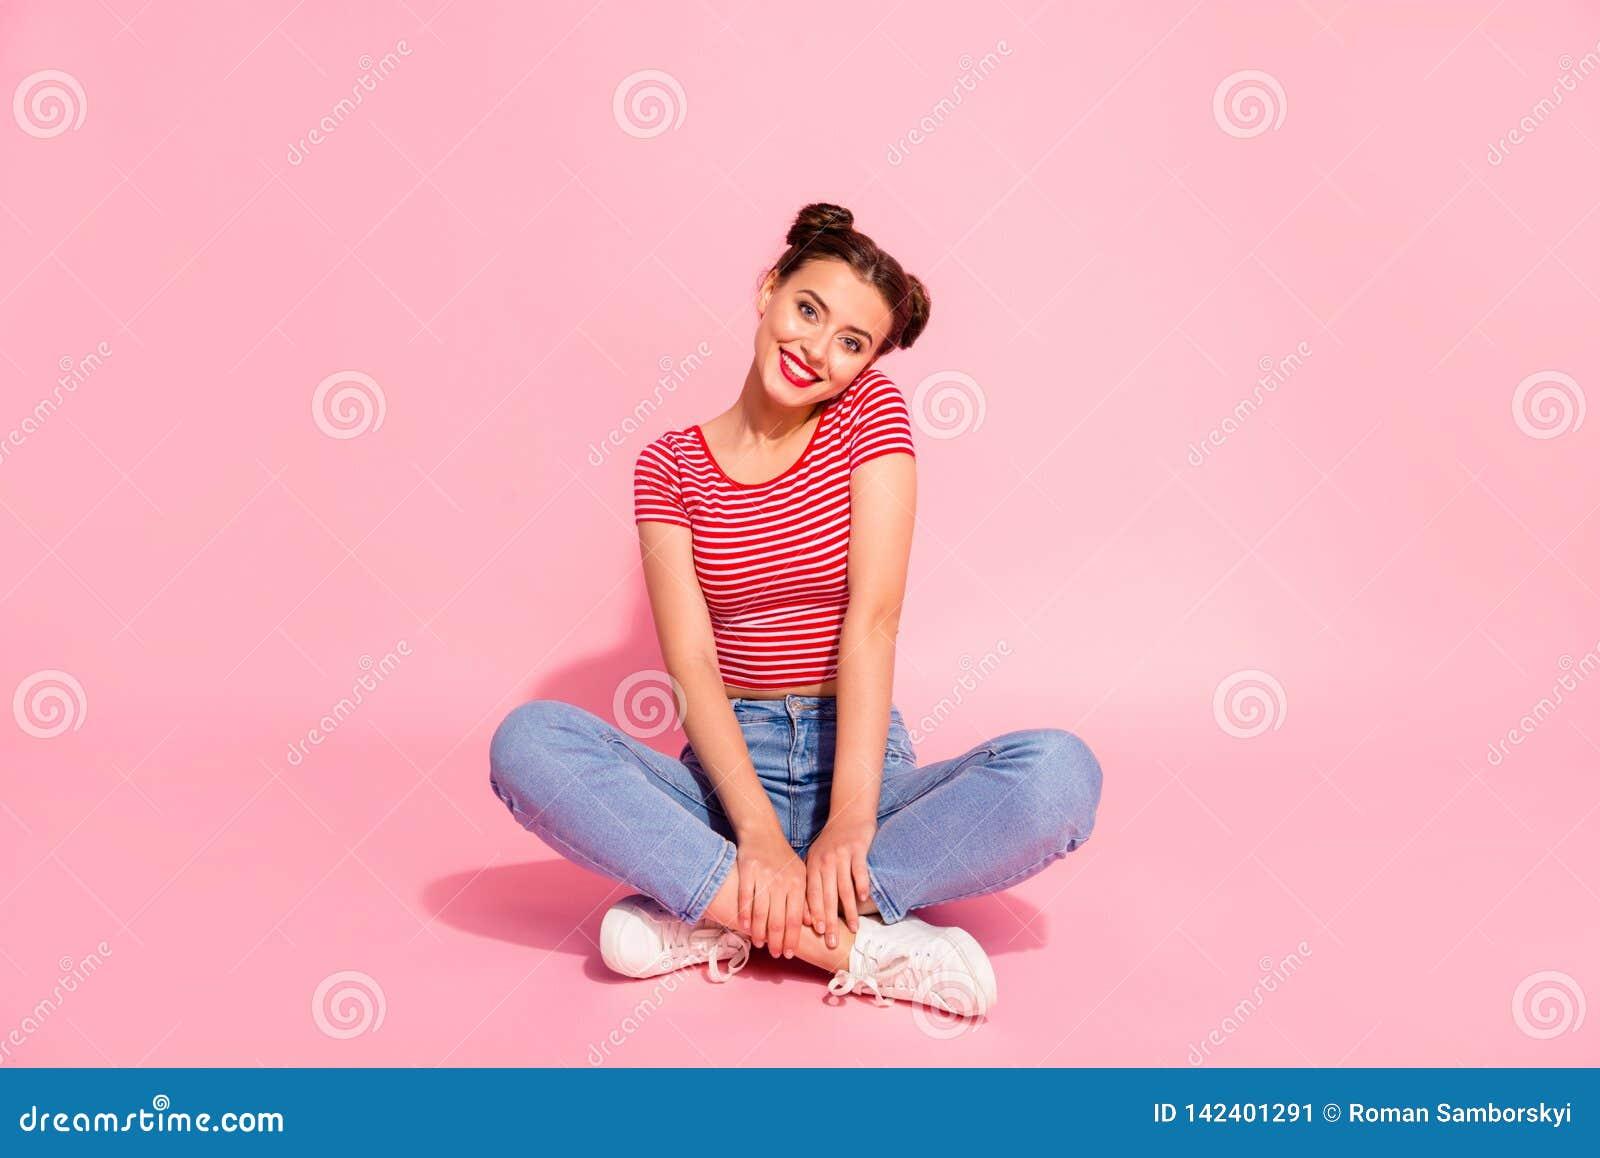 Haar glanst zij mooie zoete aantrekkelijke betoverende mooi vrolijk vrolijk meisje die het gestreepte t-shirtjeans zitten dragen